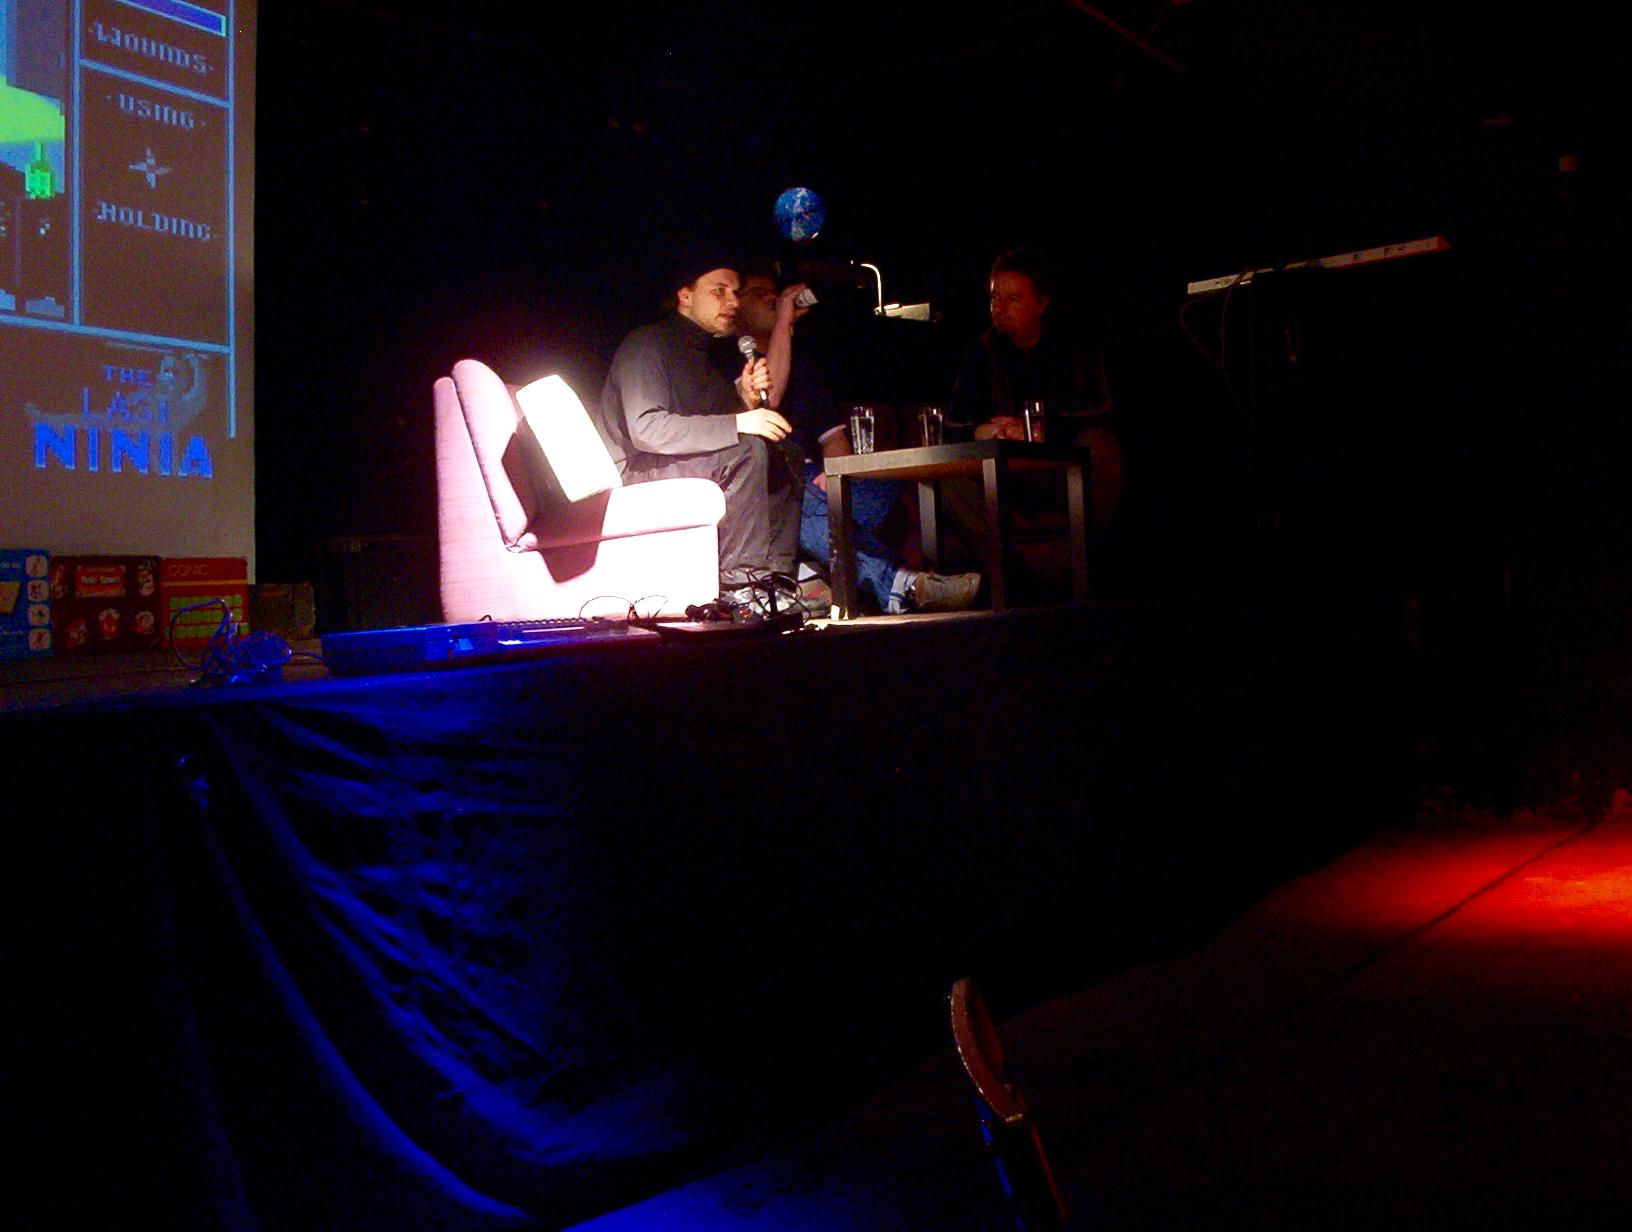 """Reinhard Klinksiek aka """"Monty Mole"""" spricht über sein Projekt """"C64 Longplays"""". (Bild: André Eymann)"""